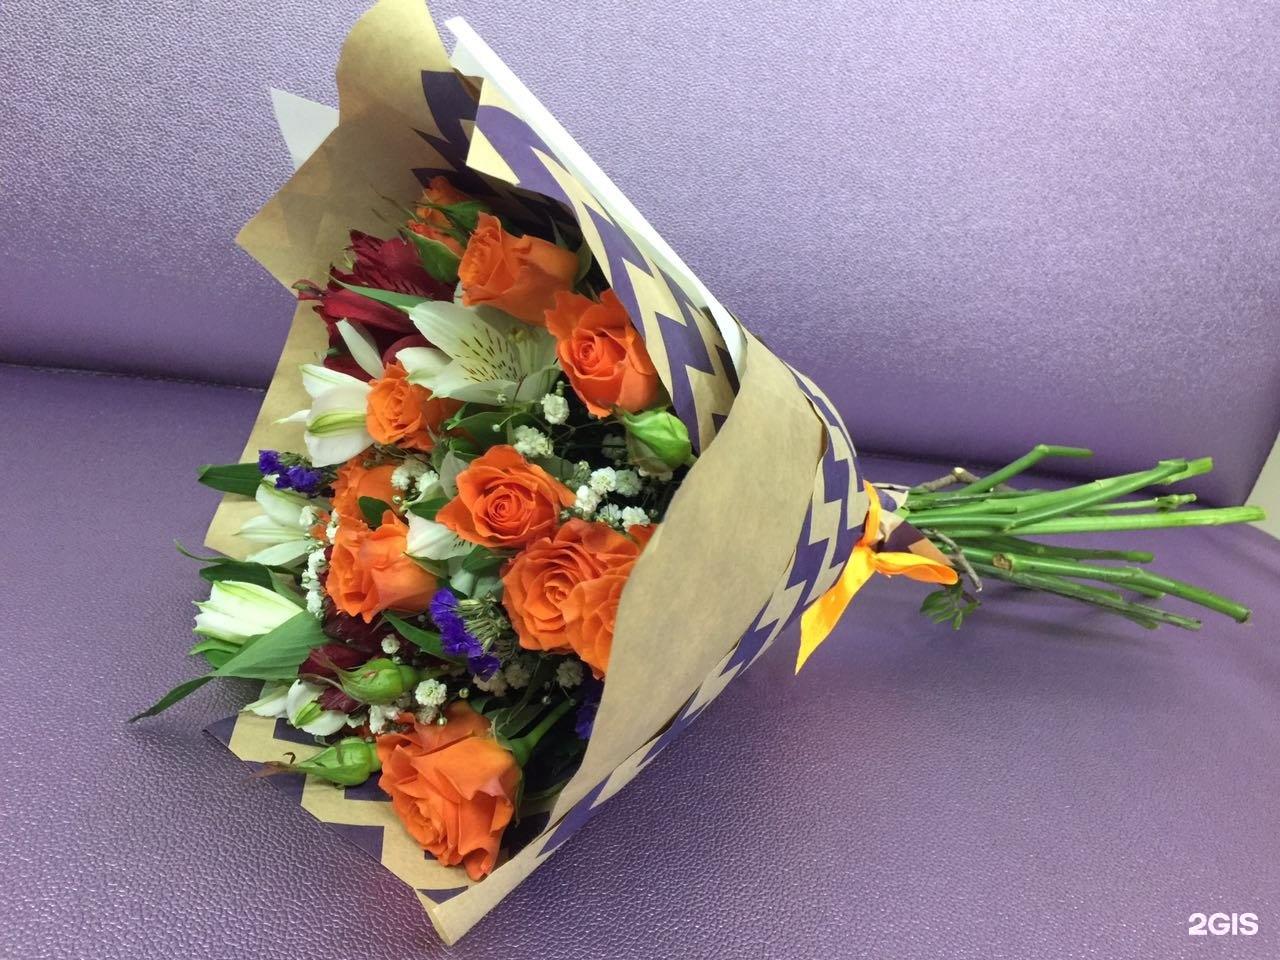 Доставка цветов вольск-18, дешево екатеринбург